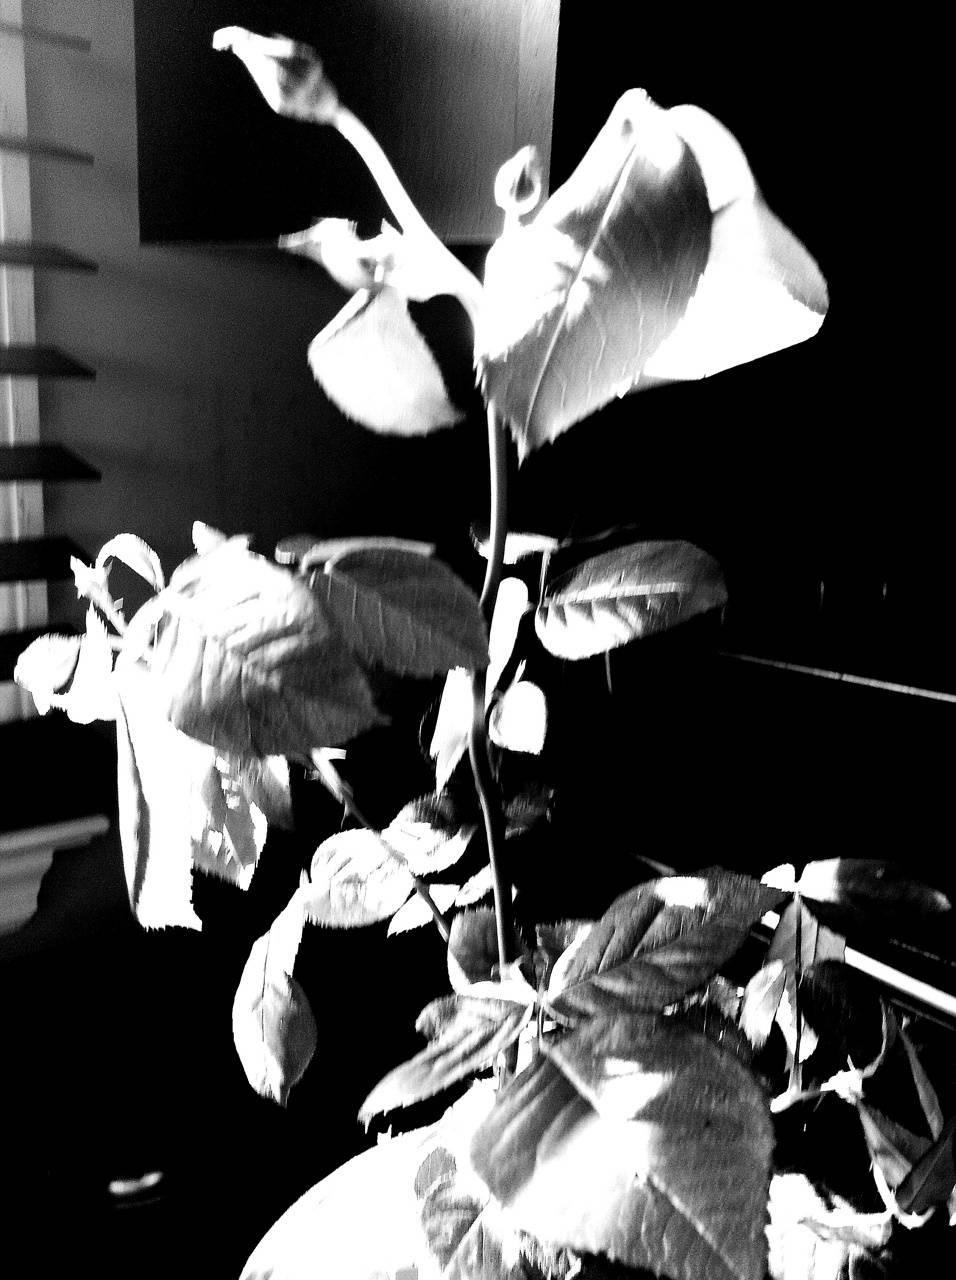 Sentimental roses